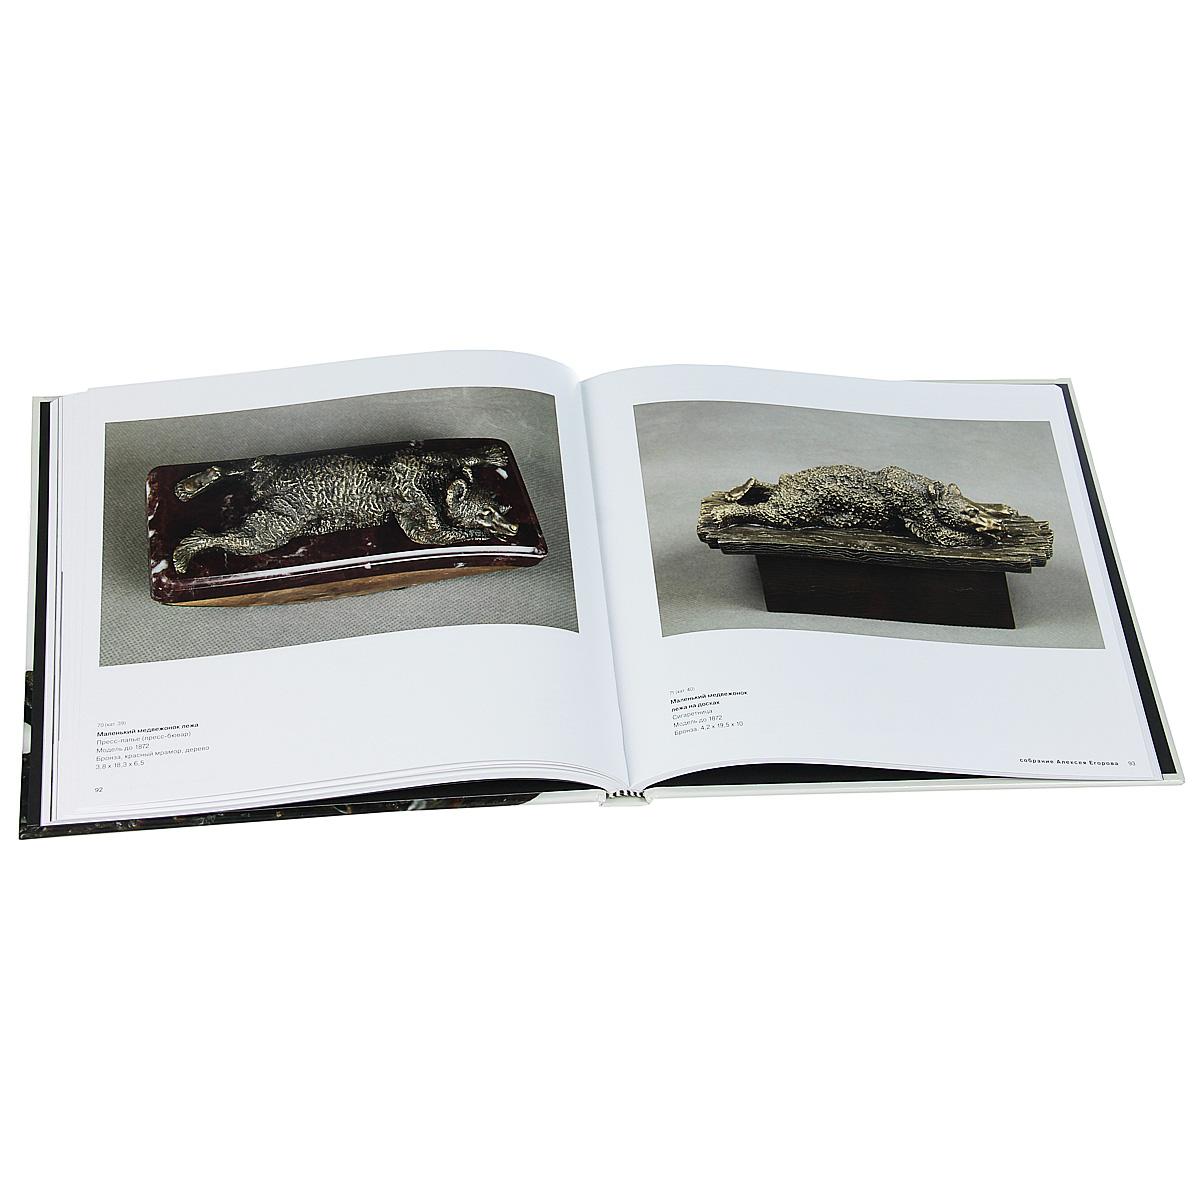 Государственный Русский музей. Альманах, №361, 2012. Николай Либерих